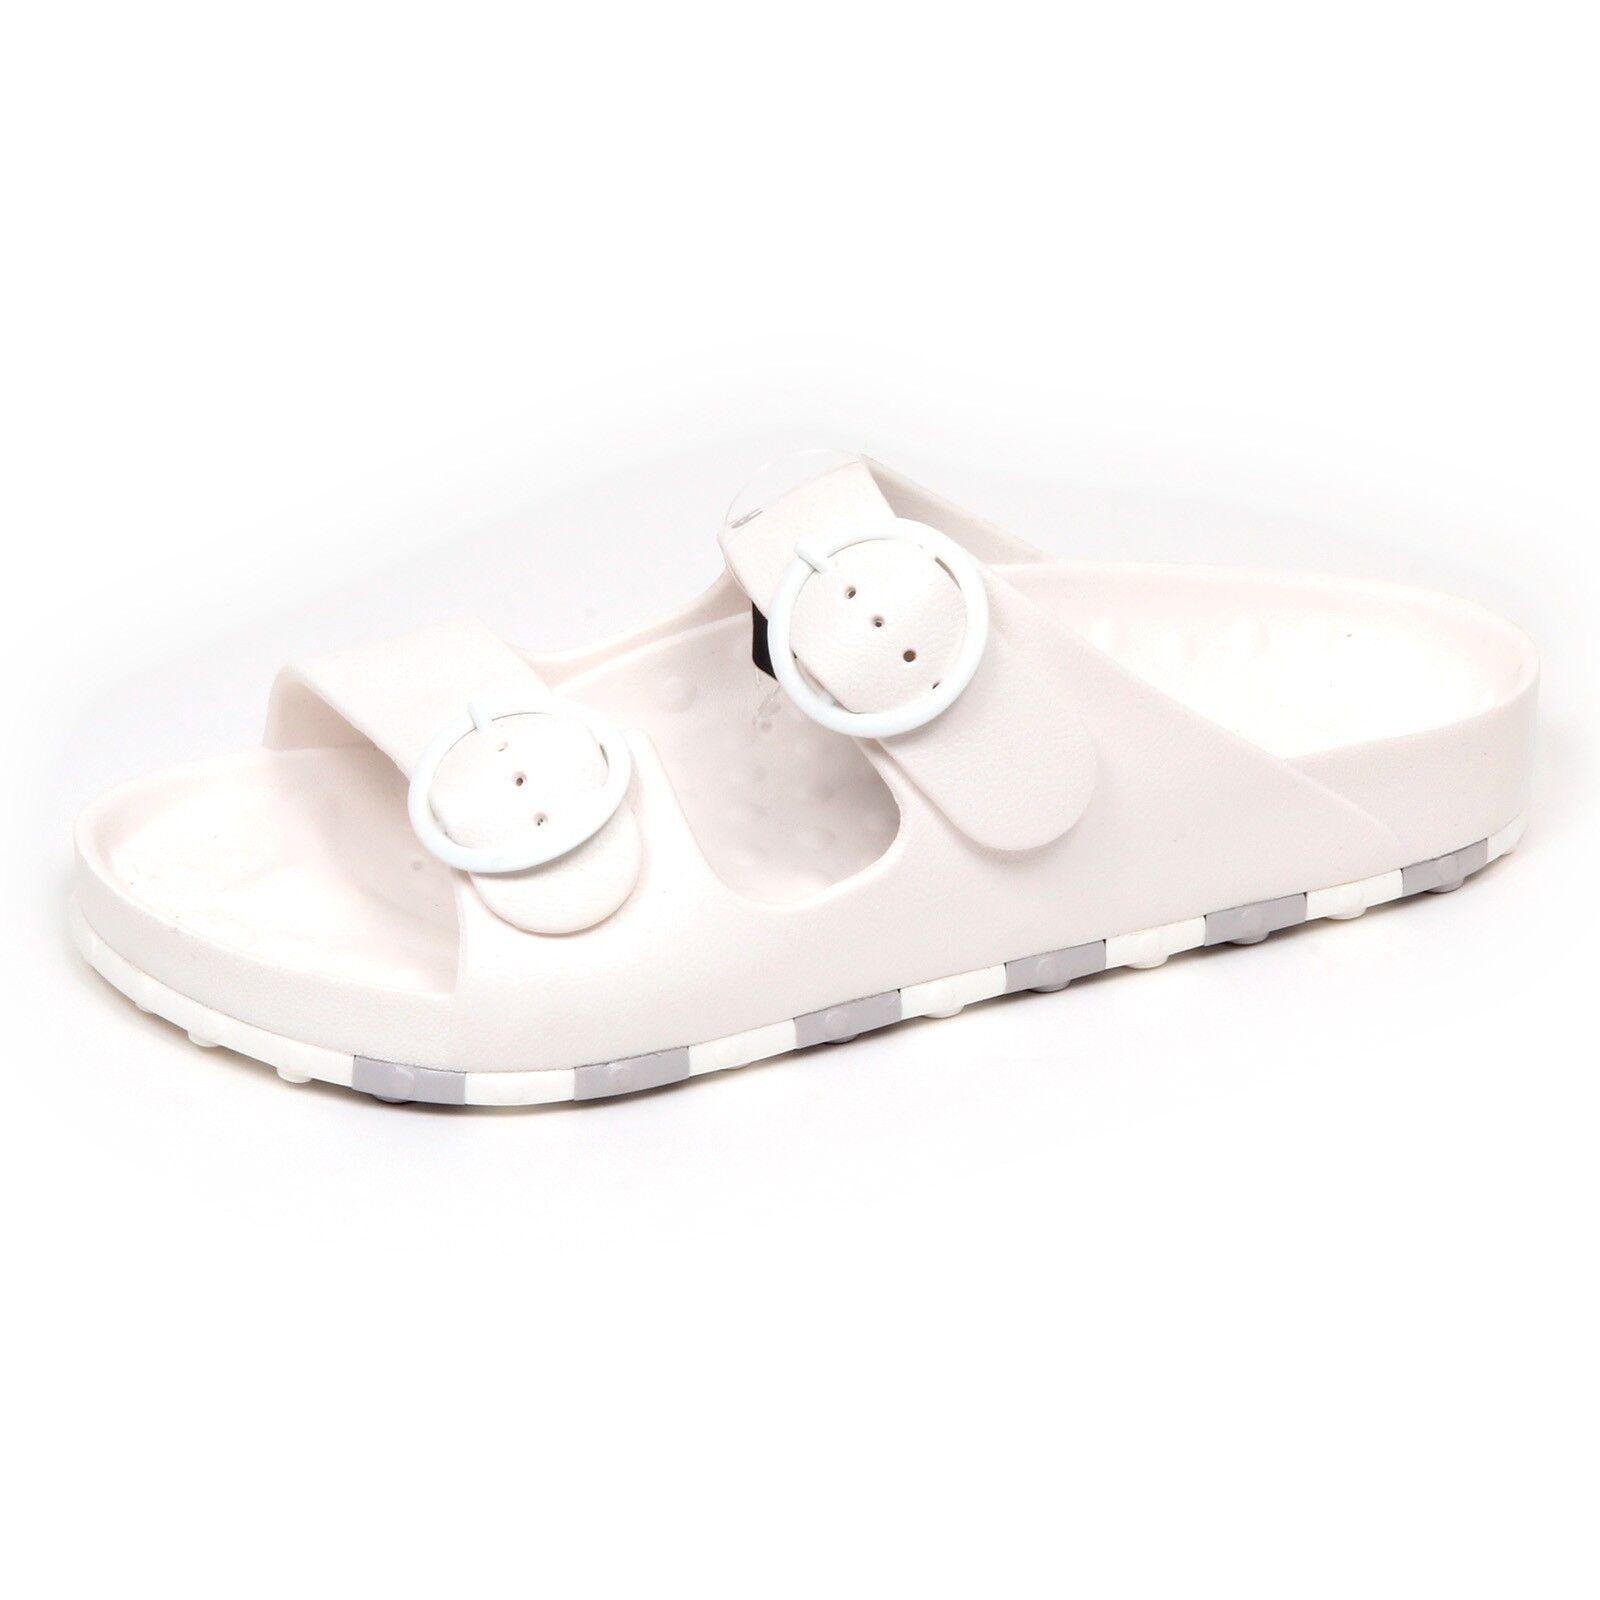 E8068 (sin Caja) Sandalo hombres Goma blancoo Ccilu Horizon Sandalia Zapato hombre